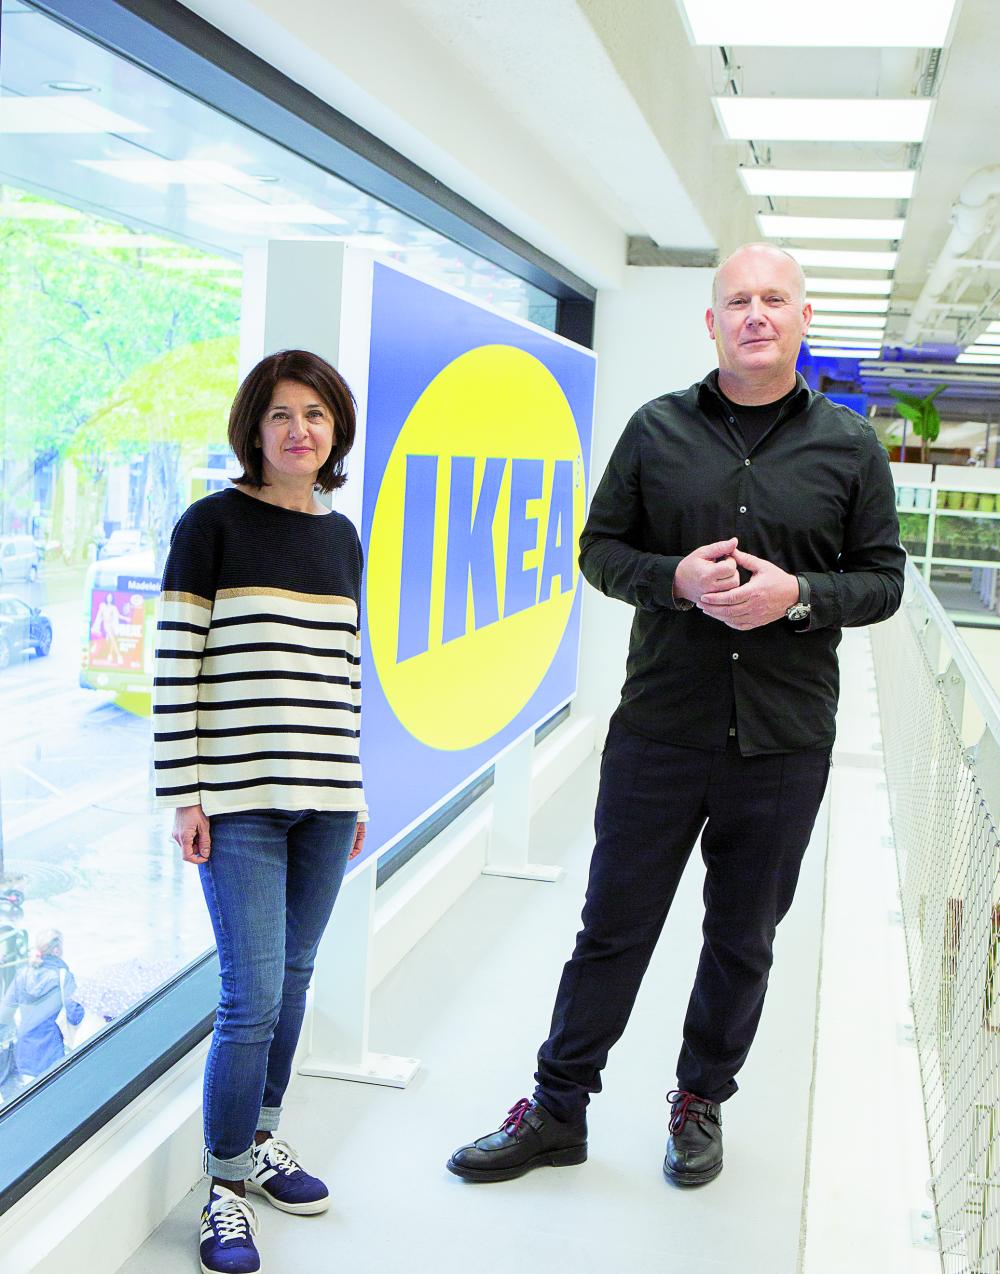 Les 10 Bonnes Idees D Ikea Madeleine Amenagement Commercial